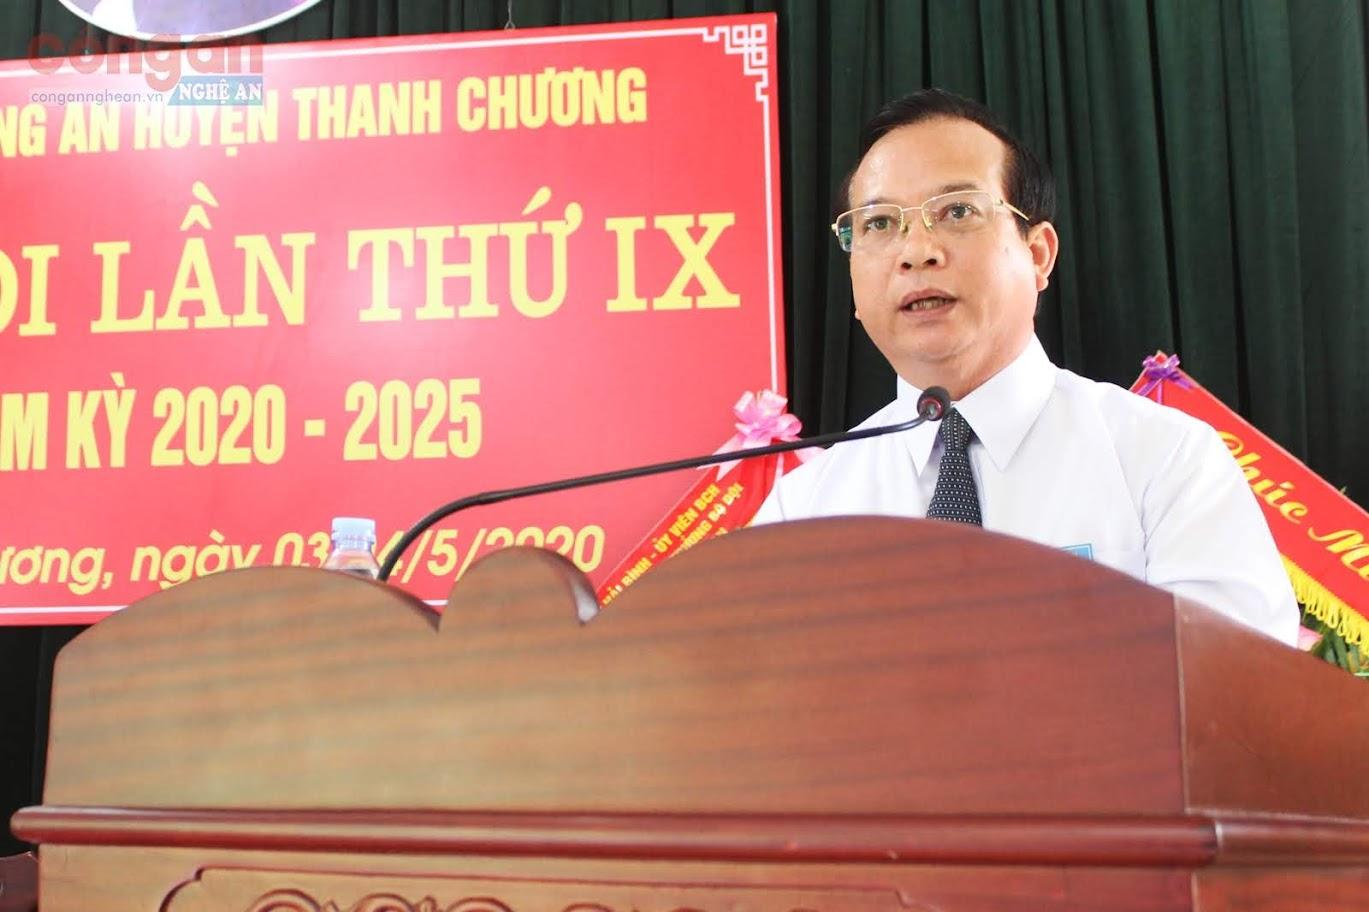 Đồng chí Nguyễn Văn Quế, Phó Bí thư Huyện uỷ, Chủ tịch UBND huyện Thanh Chương phát biểu tại Đại hội